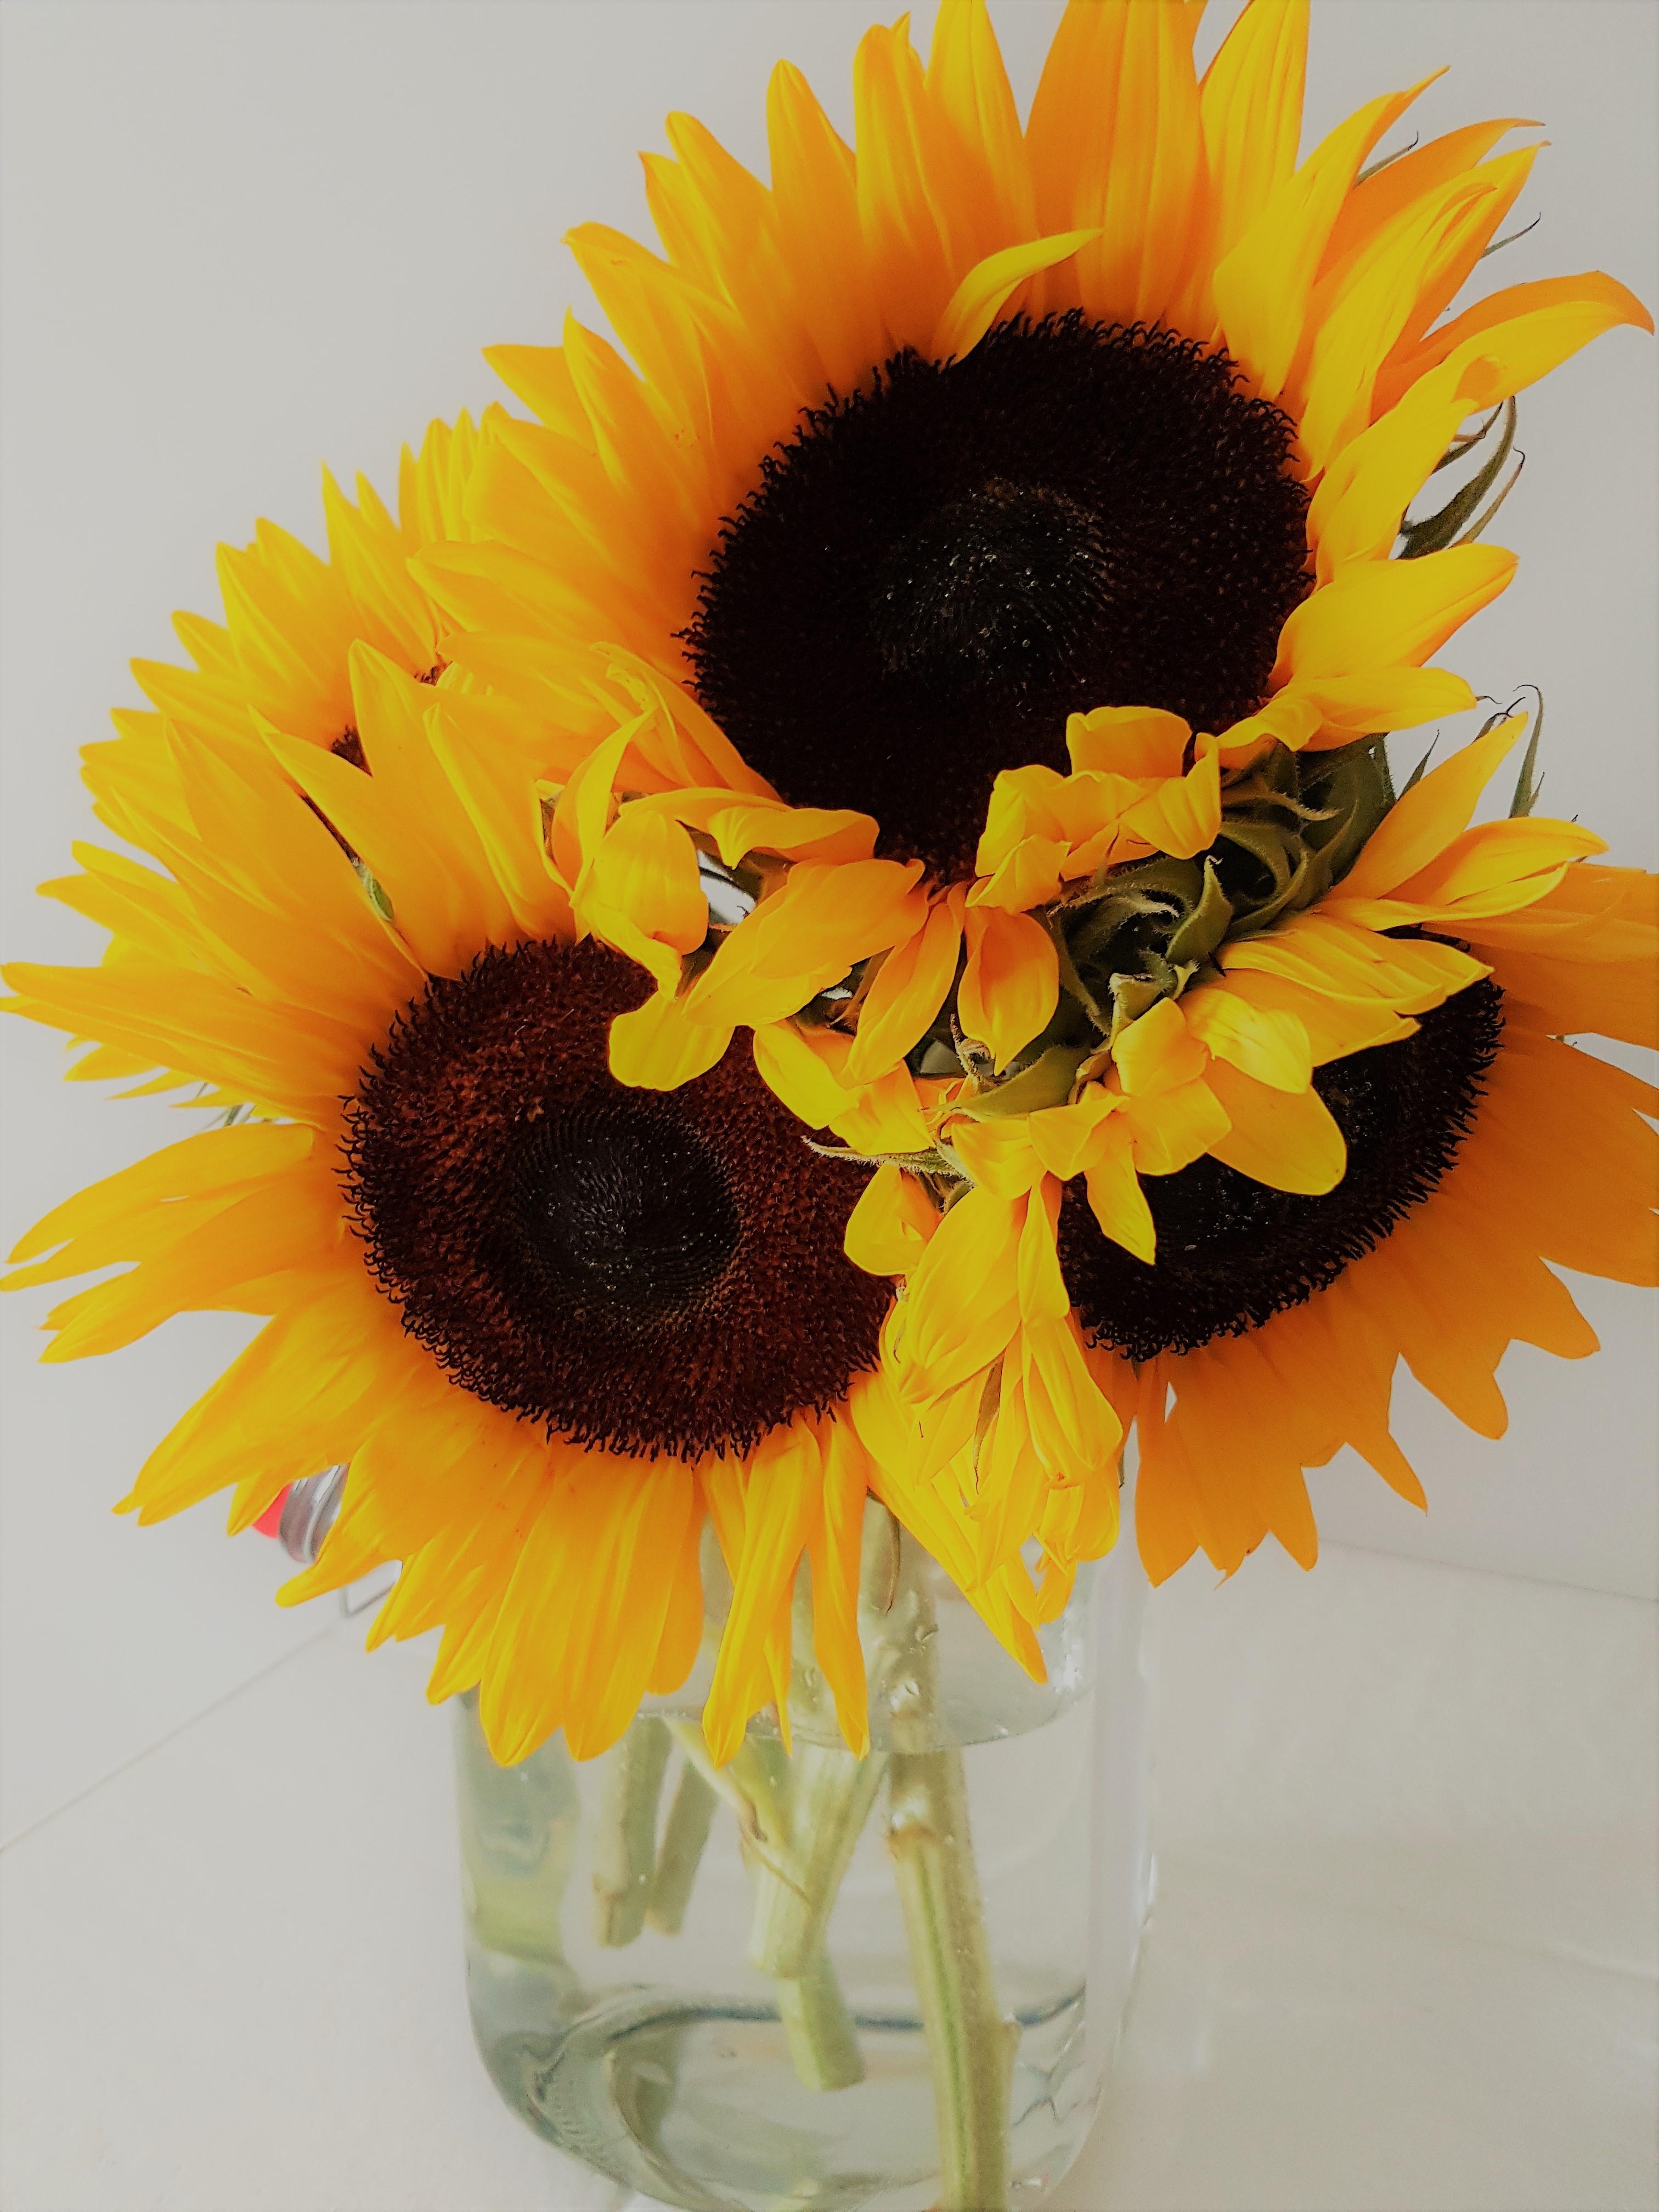 images gratuites : jaune, fleurs coupées, graines de tournesol